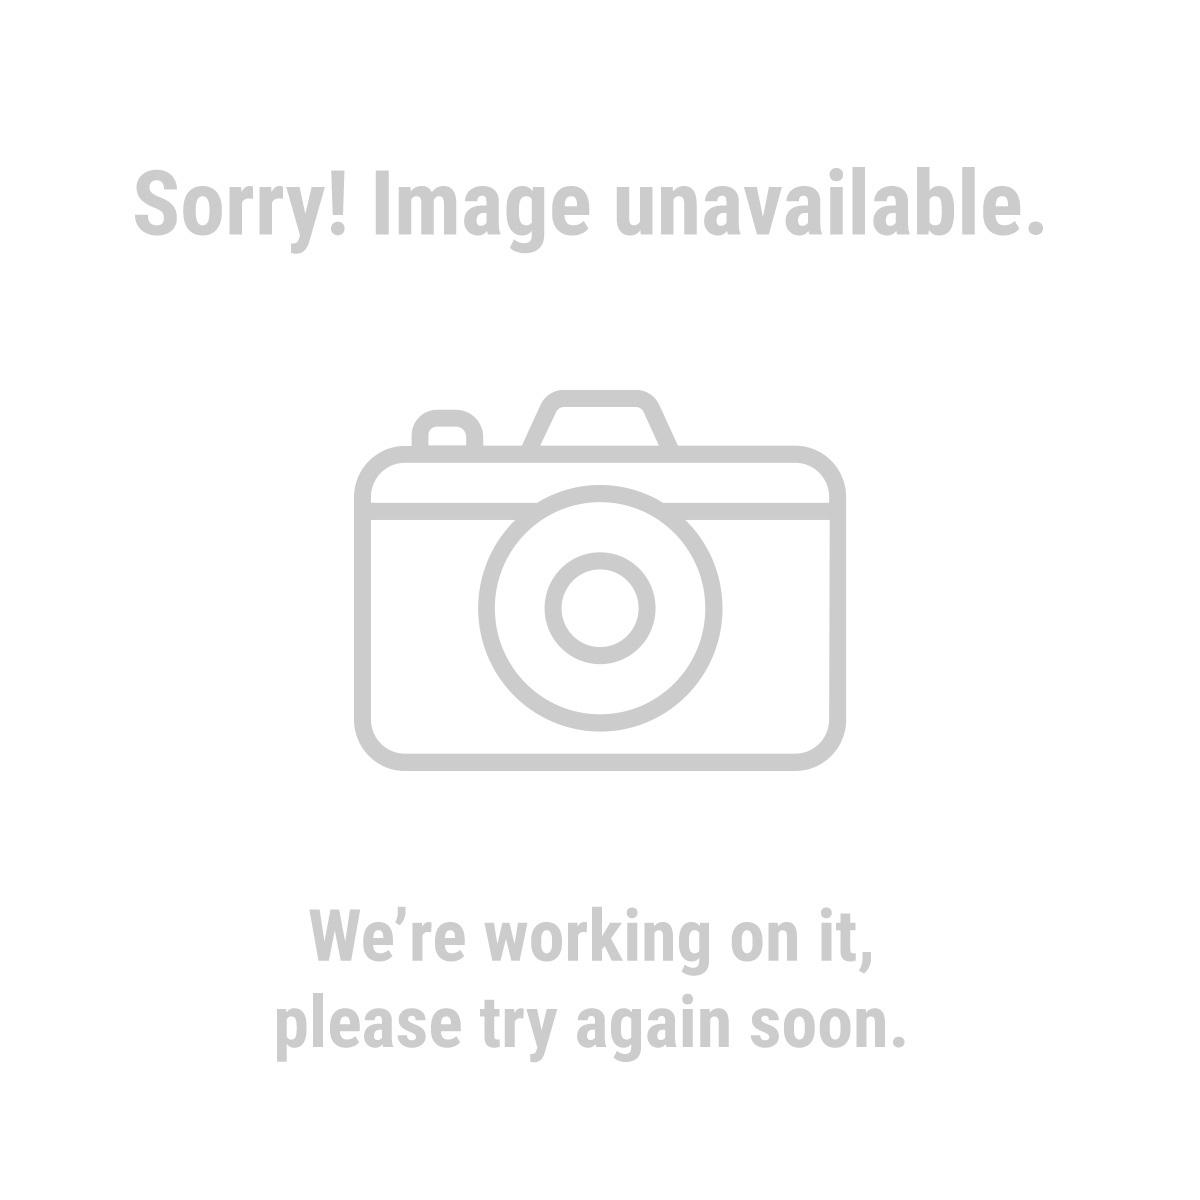 Amerityre 61606 13 in. Flat-free Wheelbarrow Tire